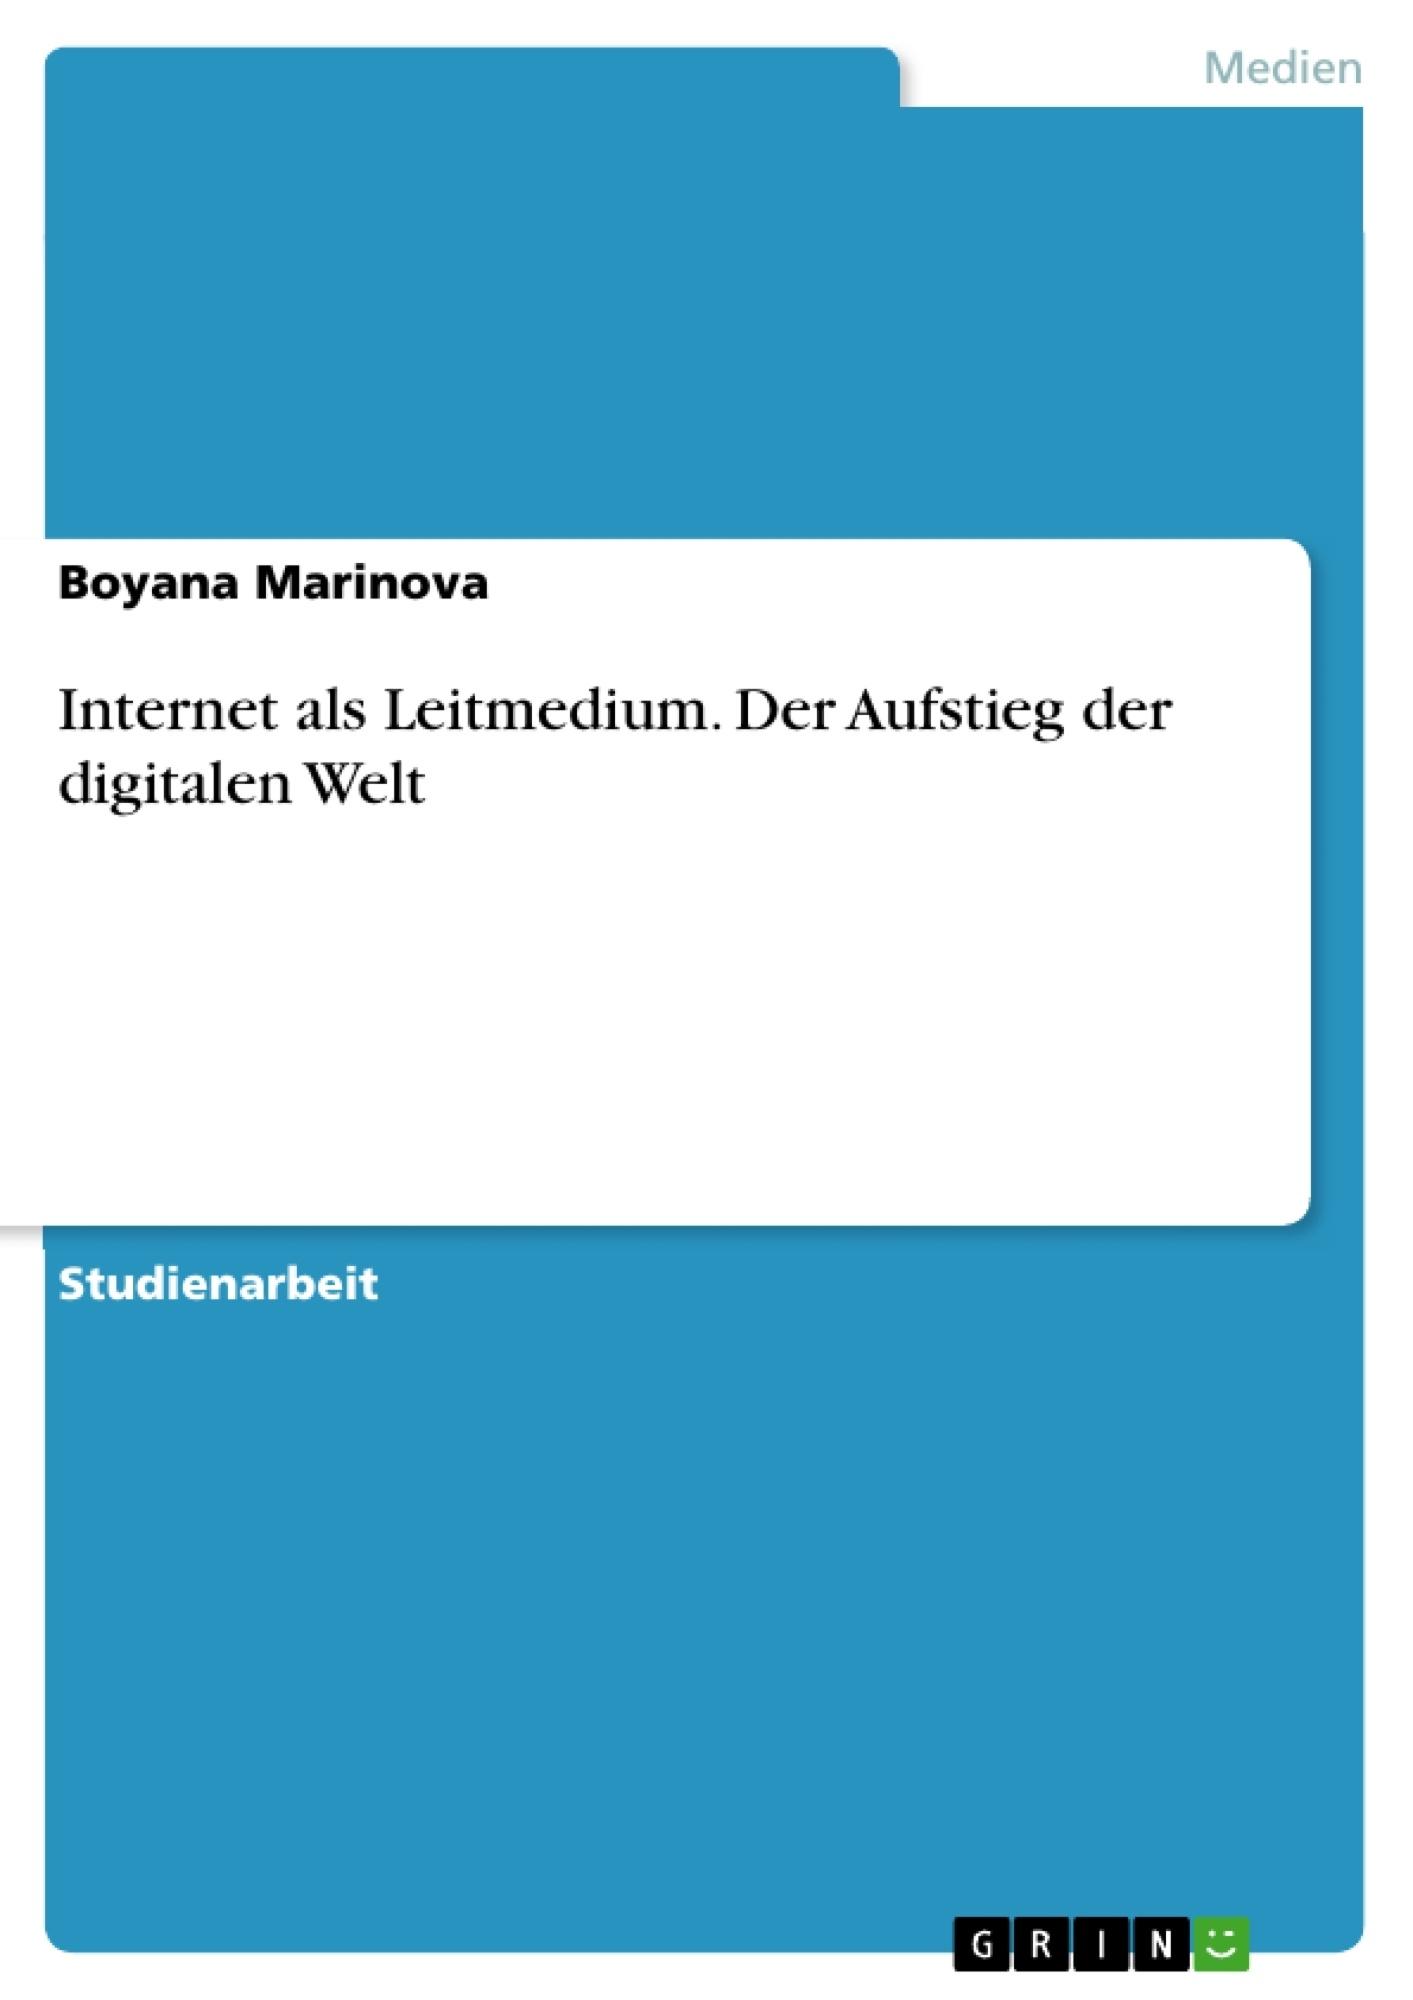 Titel: Internet als Leitmedium. Der Aufstieg der digitalen Welt